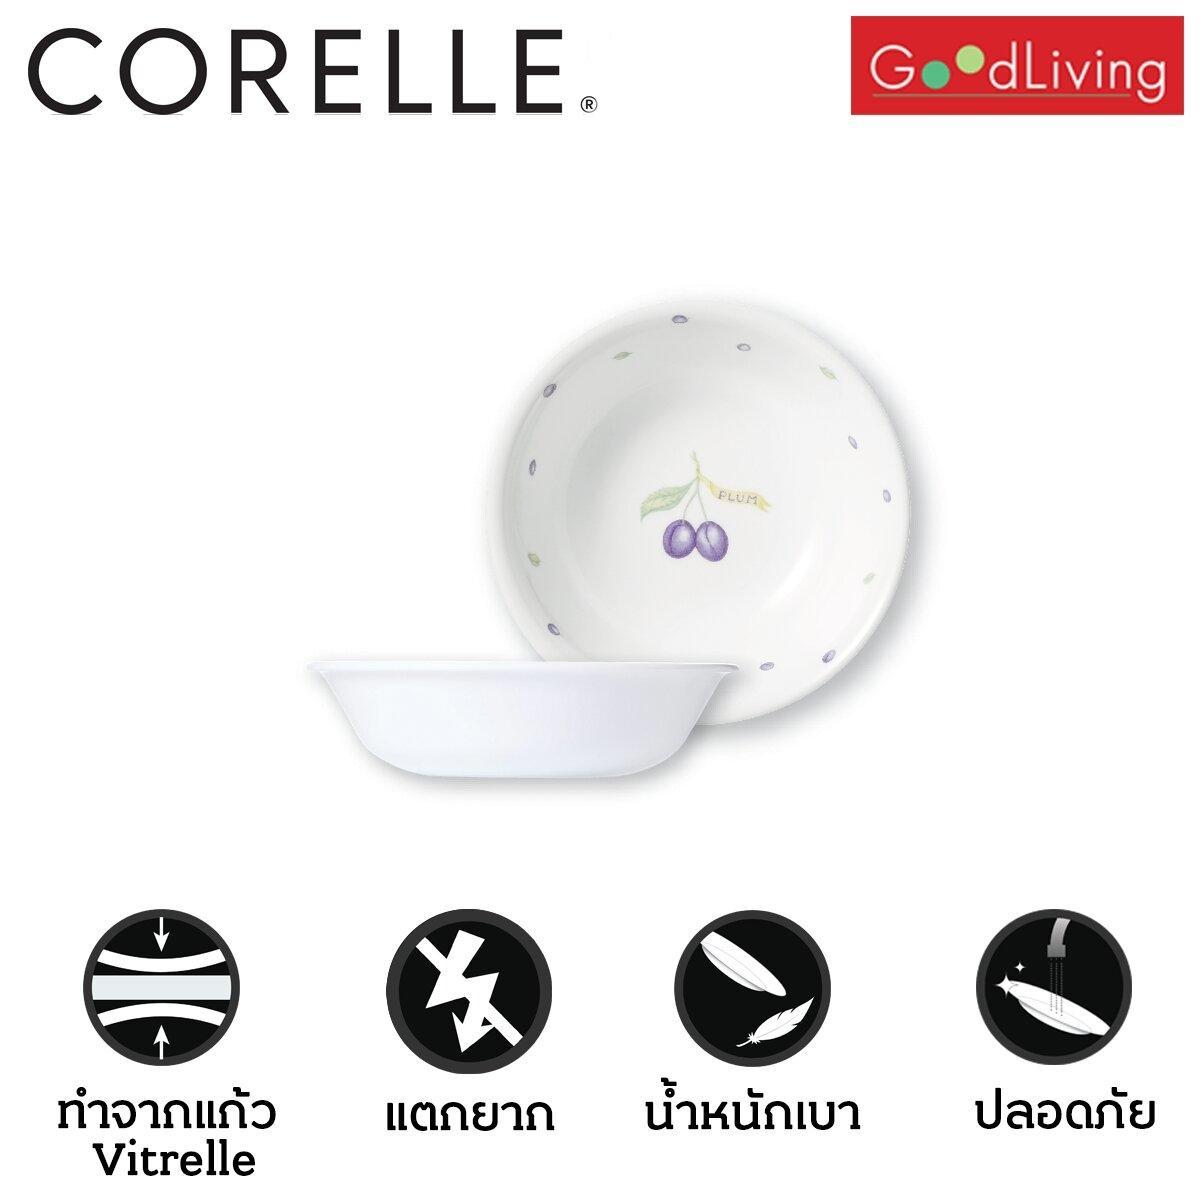 Corelle ชามอาหาร ขนาด 290 ml. 5.4 (13.5 cm.) ลาย Plum  2 ชิ้น/C-03-410-PU-2